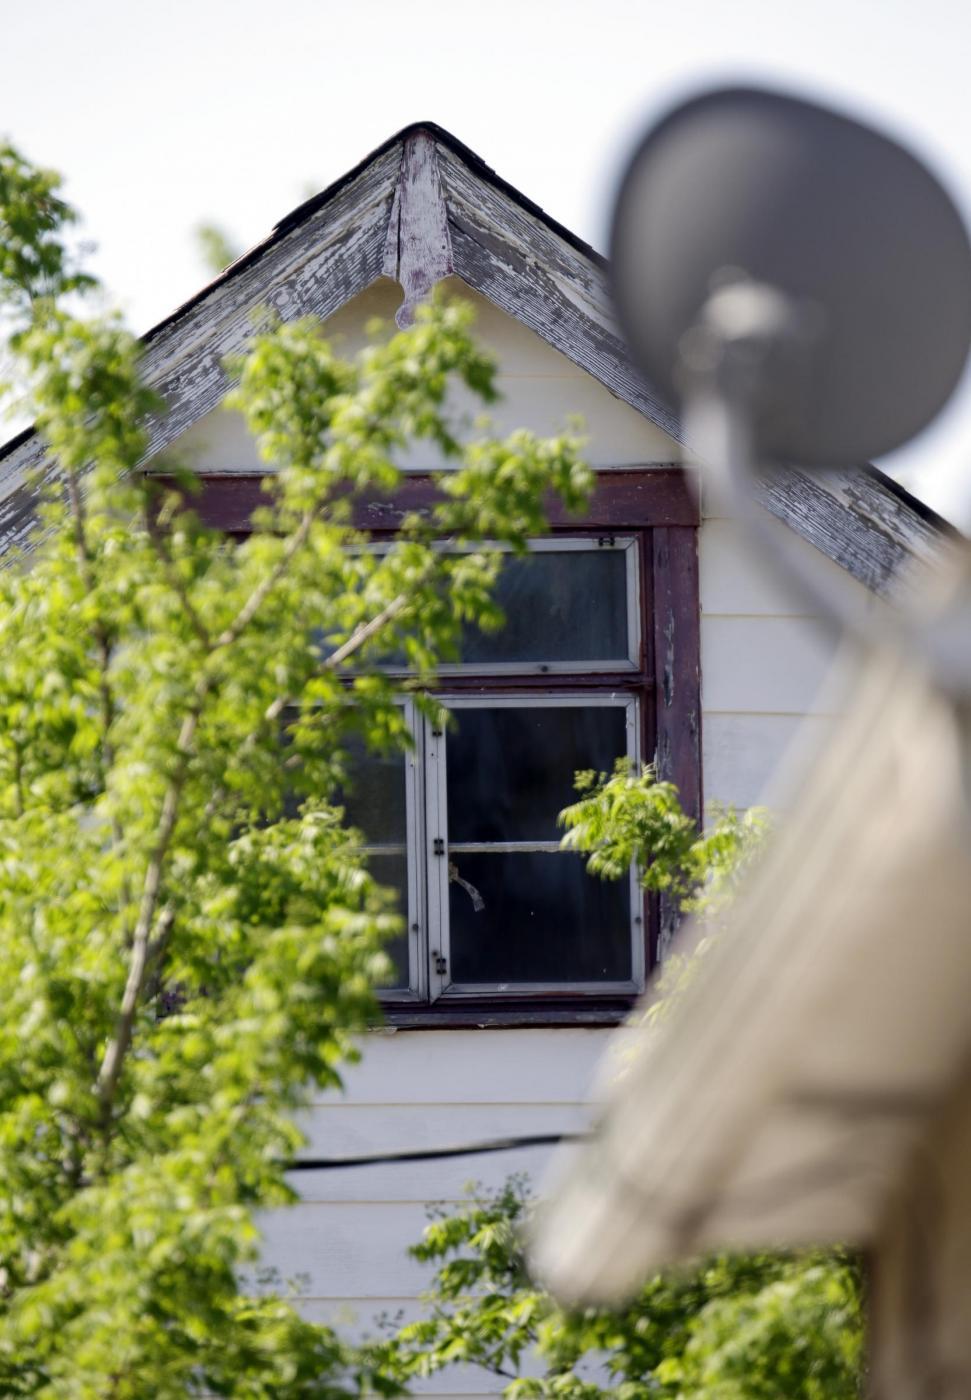 Le foto della casa degli orrori di cleveland foto 3 di 8 for Planimetrie della casa degli artigiani